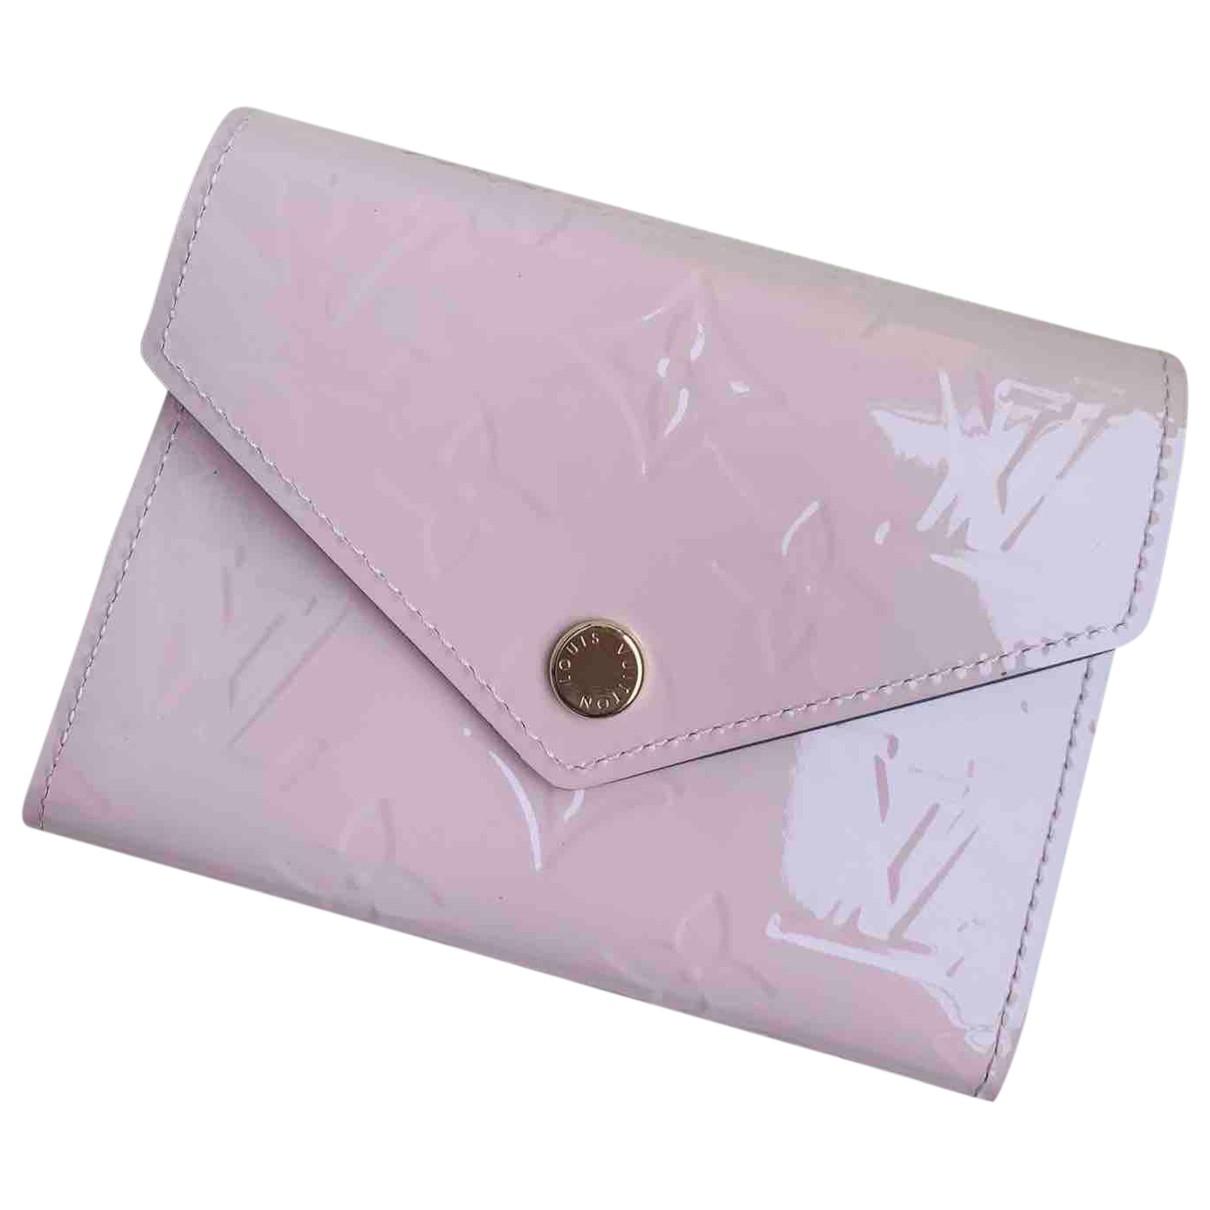 Louis Vuitton - Portefeuille Victorine pour femme en cuir verni - rose